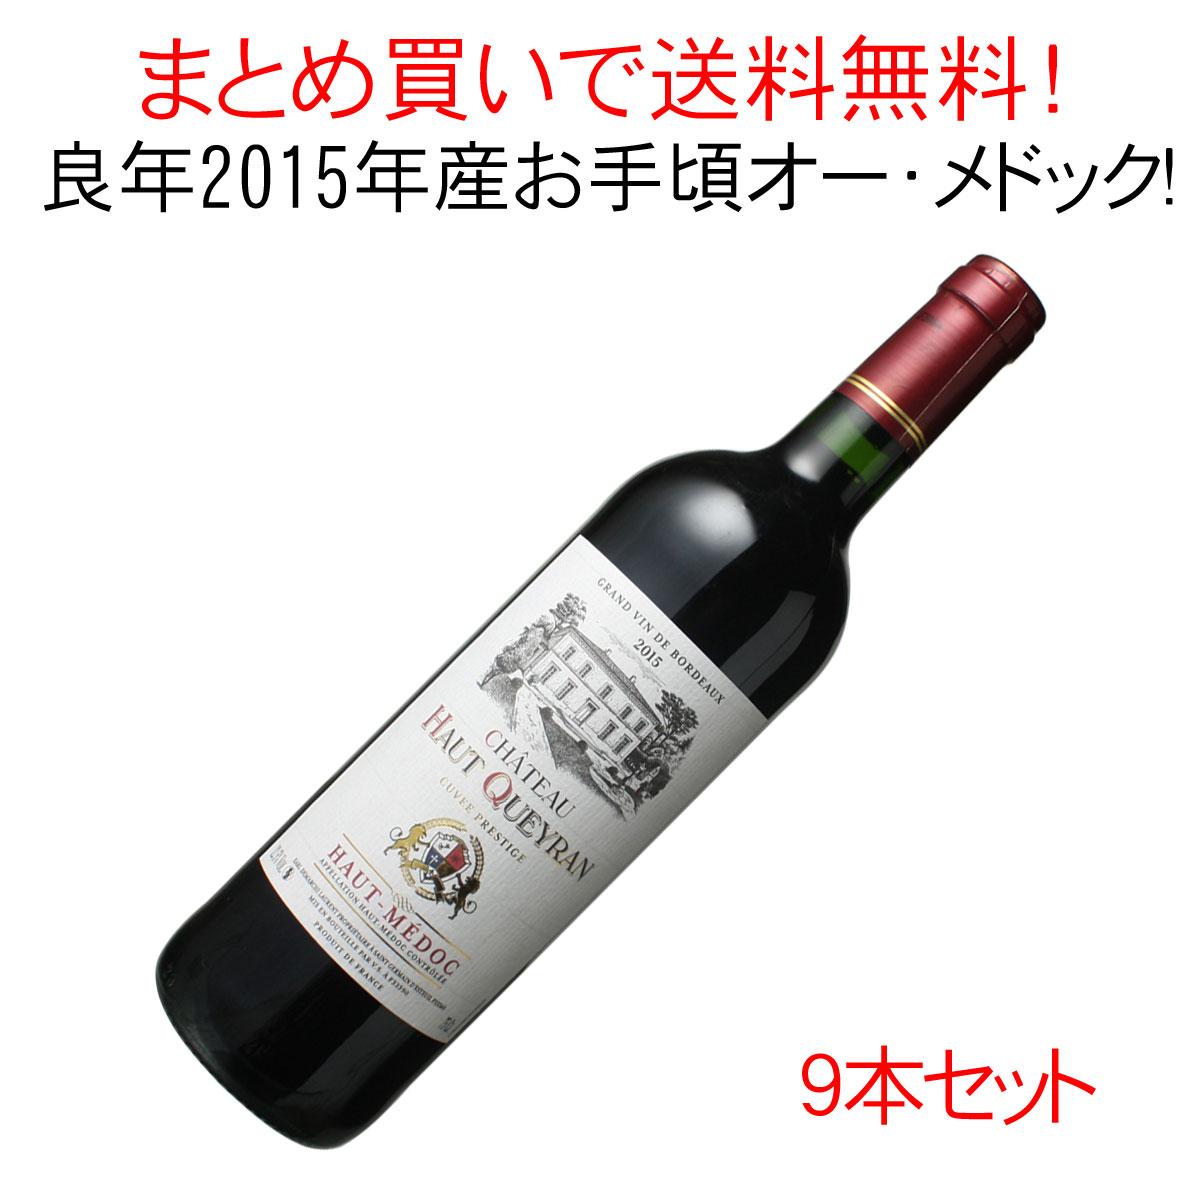 【送料無料】シャトー・オー・ケイラン キュヴェ・プレステージ [2015] 1ケース9本セット <ワイン/ボルドー>